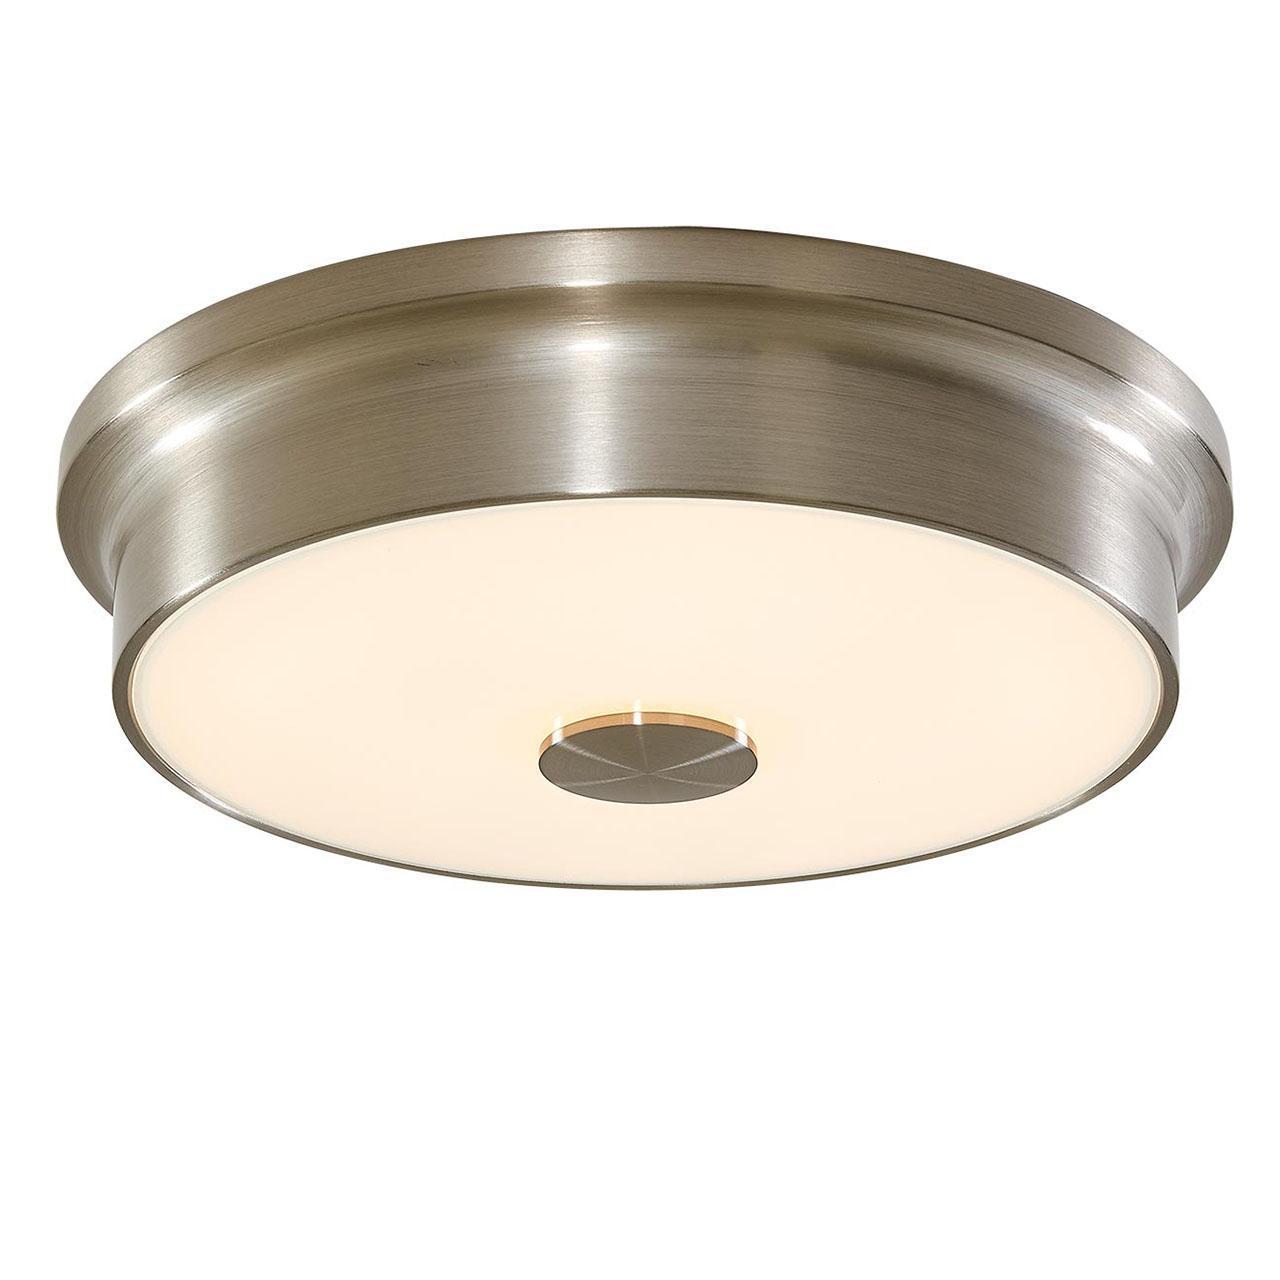 Потолочный светодиодный светильник Citilux Фостер-2 CL706221 citilux настенно потолочный светильник citilux фостер 2 cl706221